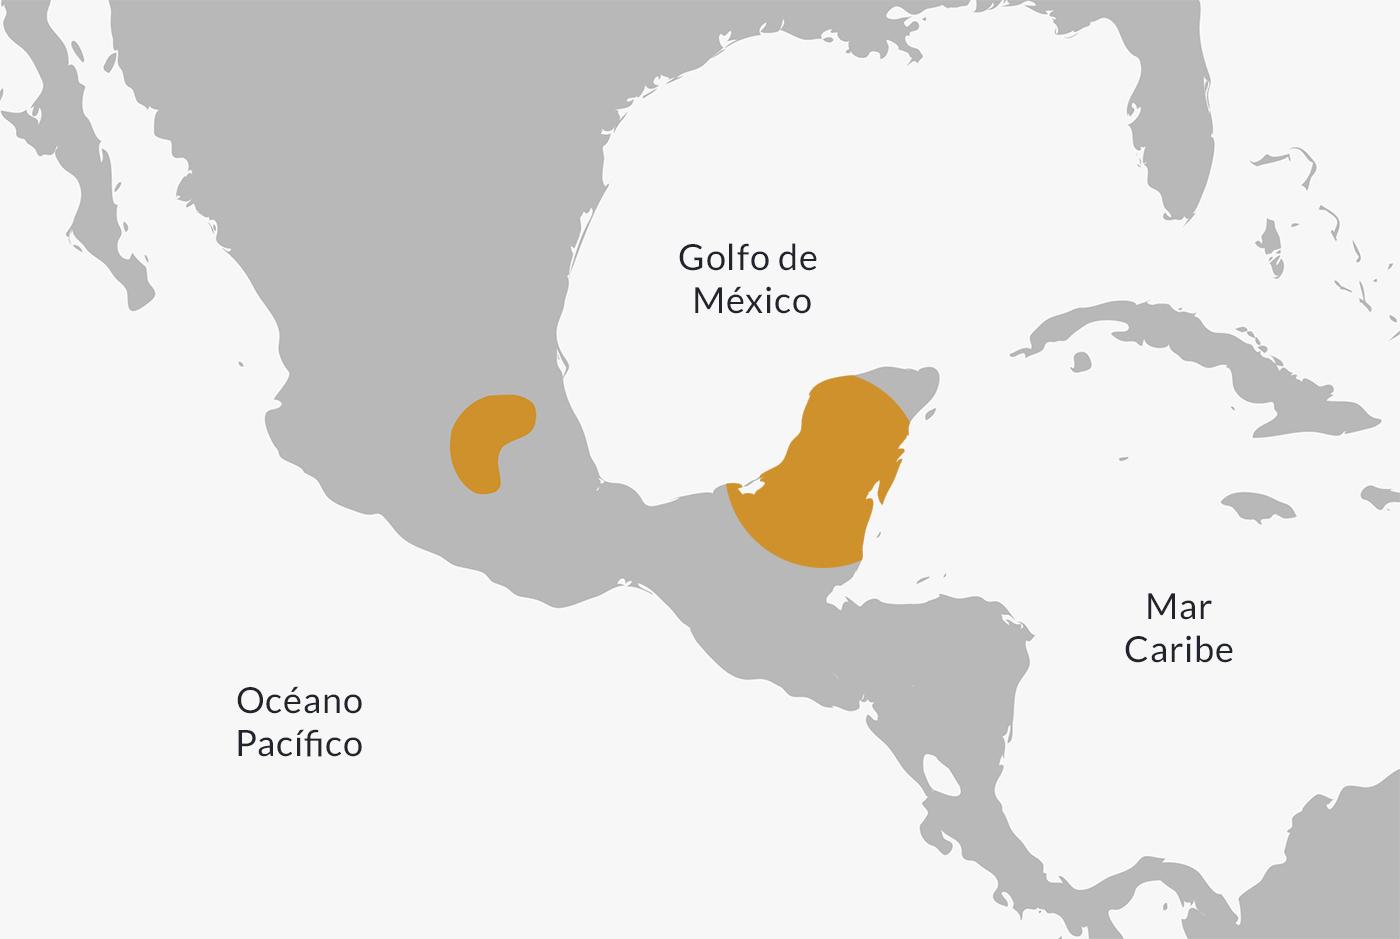 Toltec Civilization | History, Culture, Economy, Religion & Characteristics